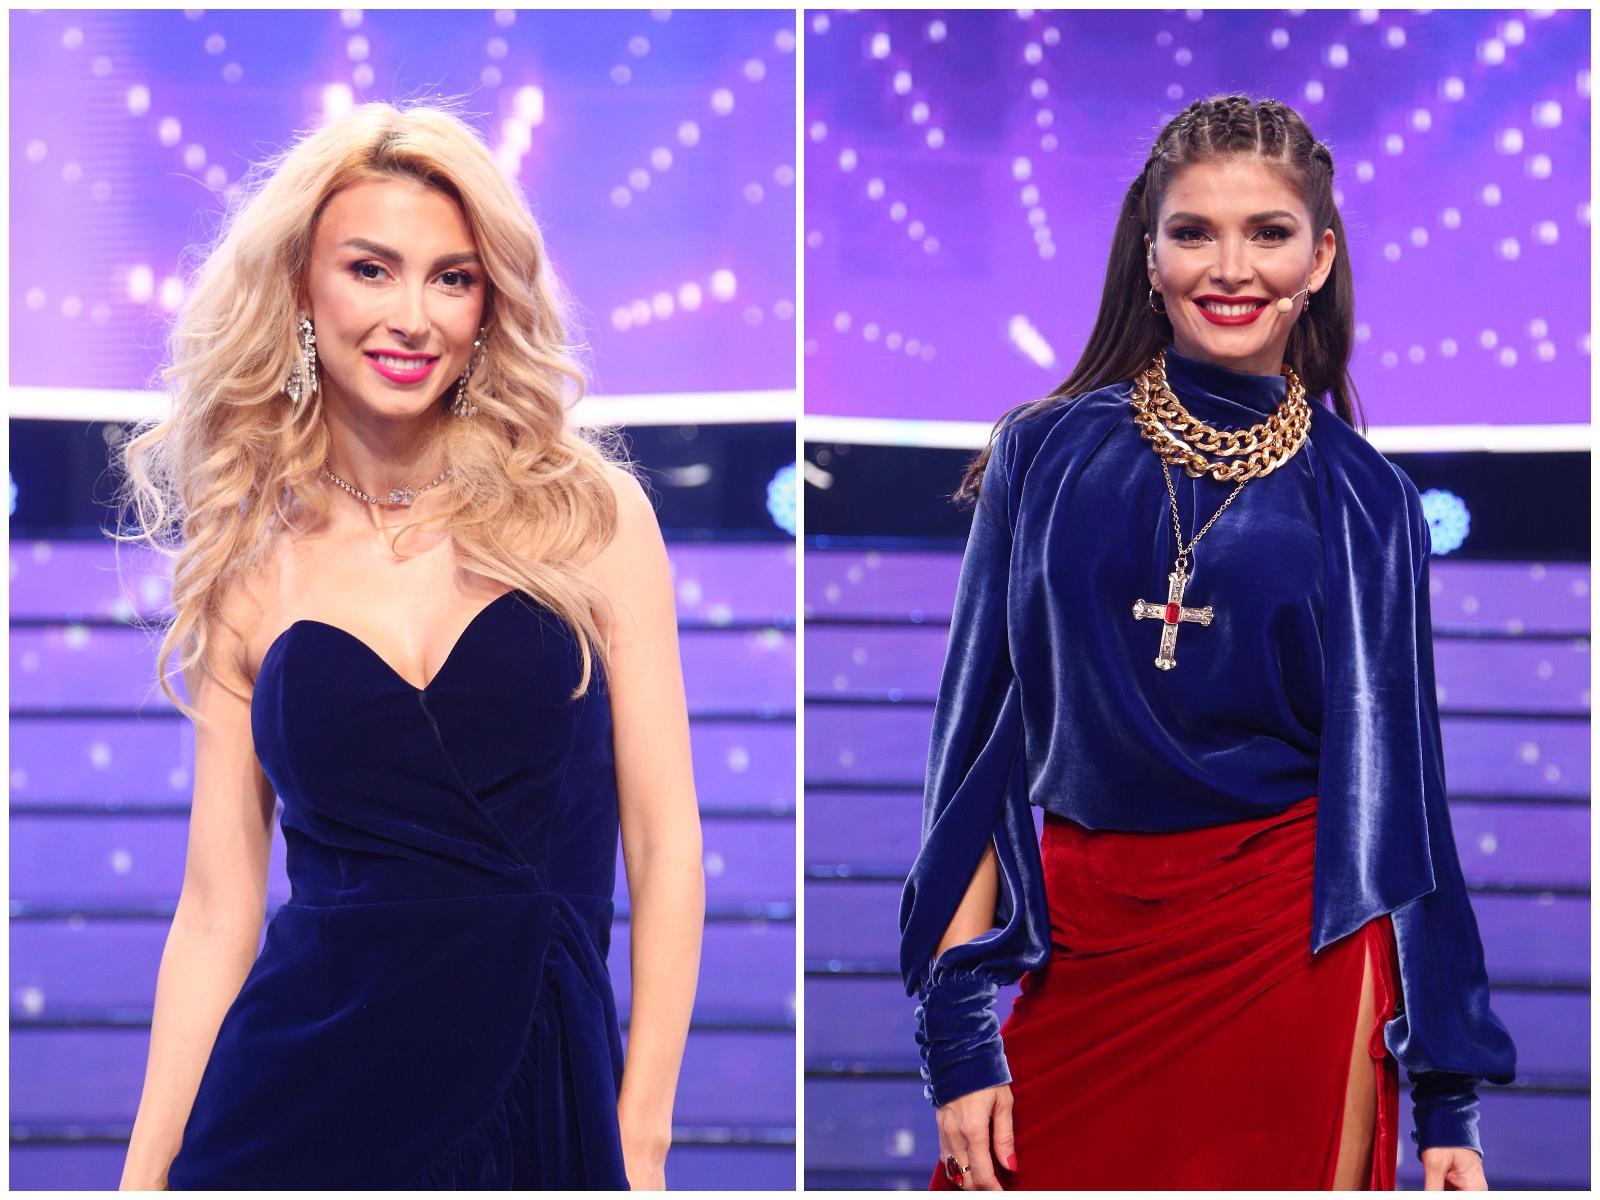 Te cunosc de undeva 2020. Alina Pușcaș, Andreea Bălan și Ozana Barabancea, ținute spectaculoase în gala cu numărul 13